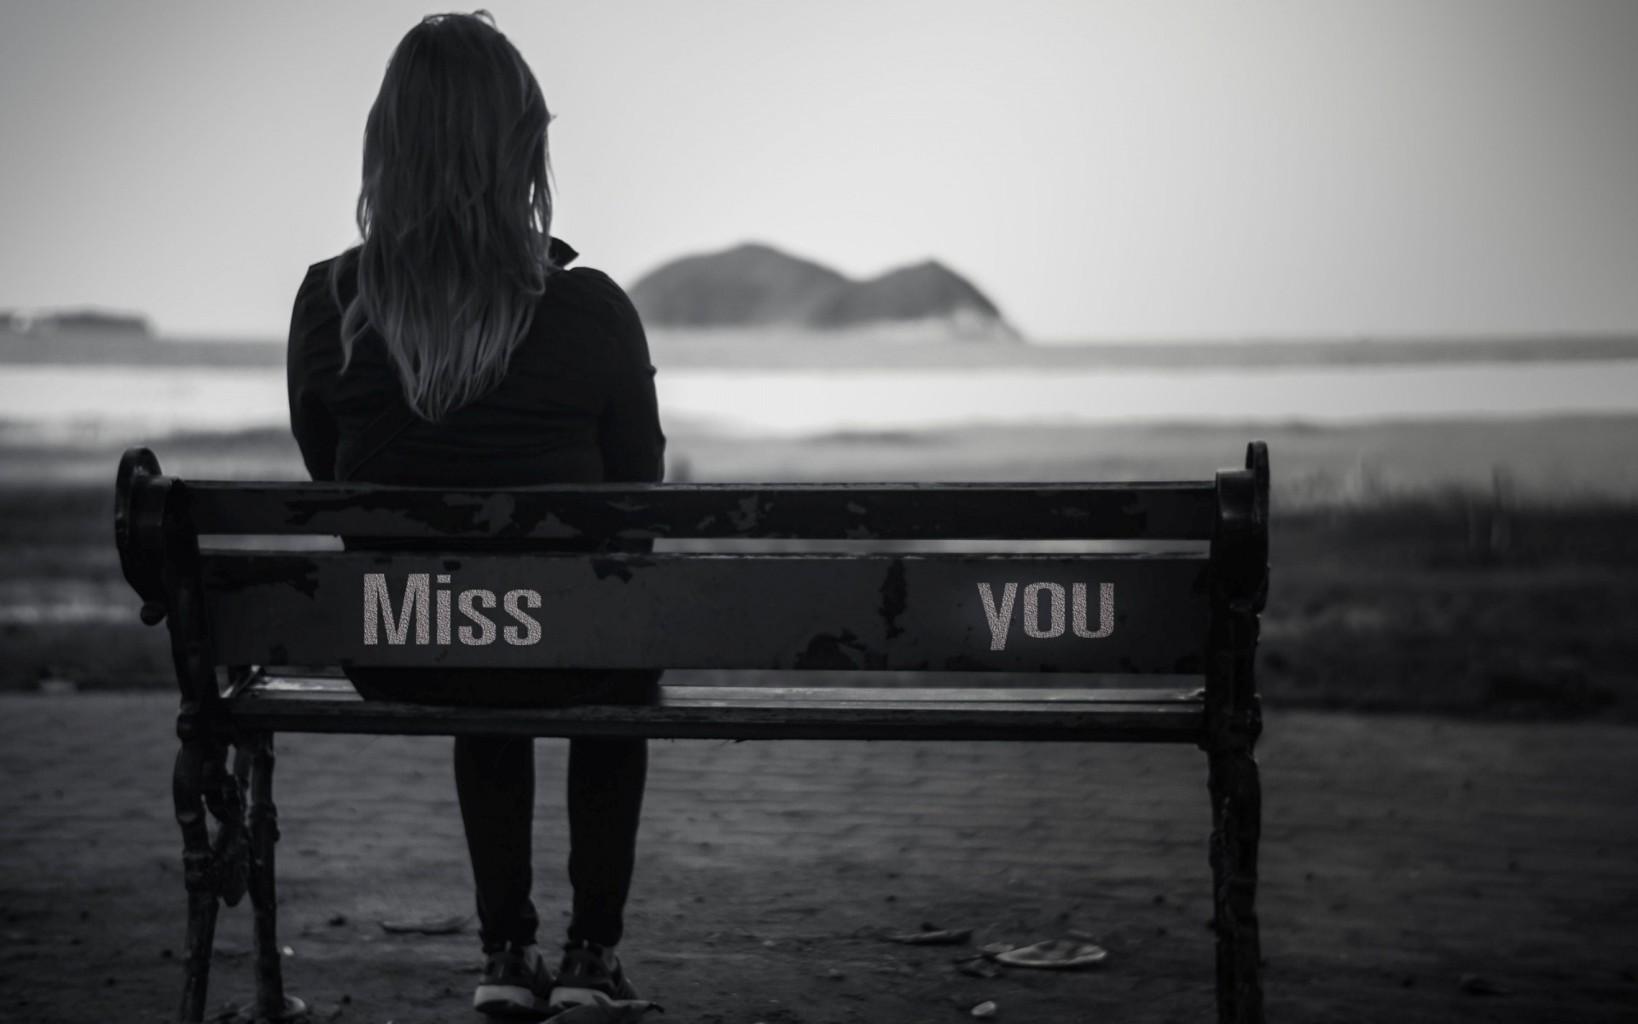 Hình ảnh ngồi mình mình buồn cô đơn với nỗi nhớ người yêu của cô gái.